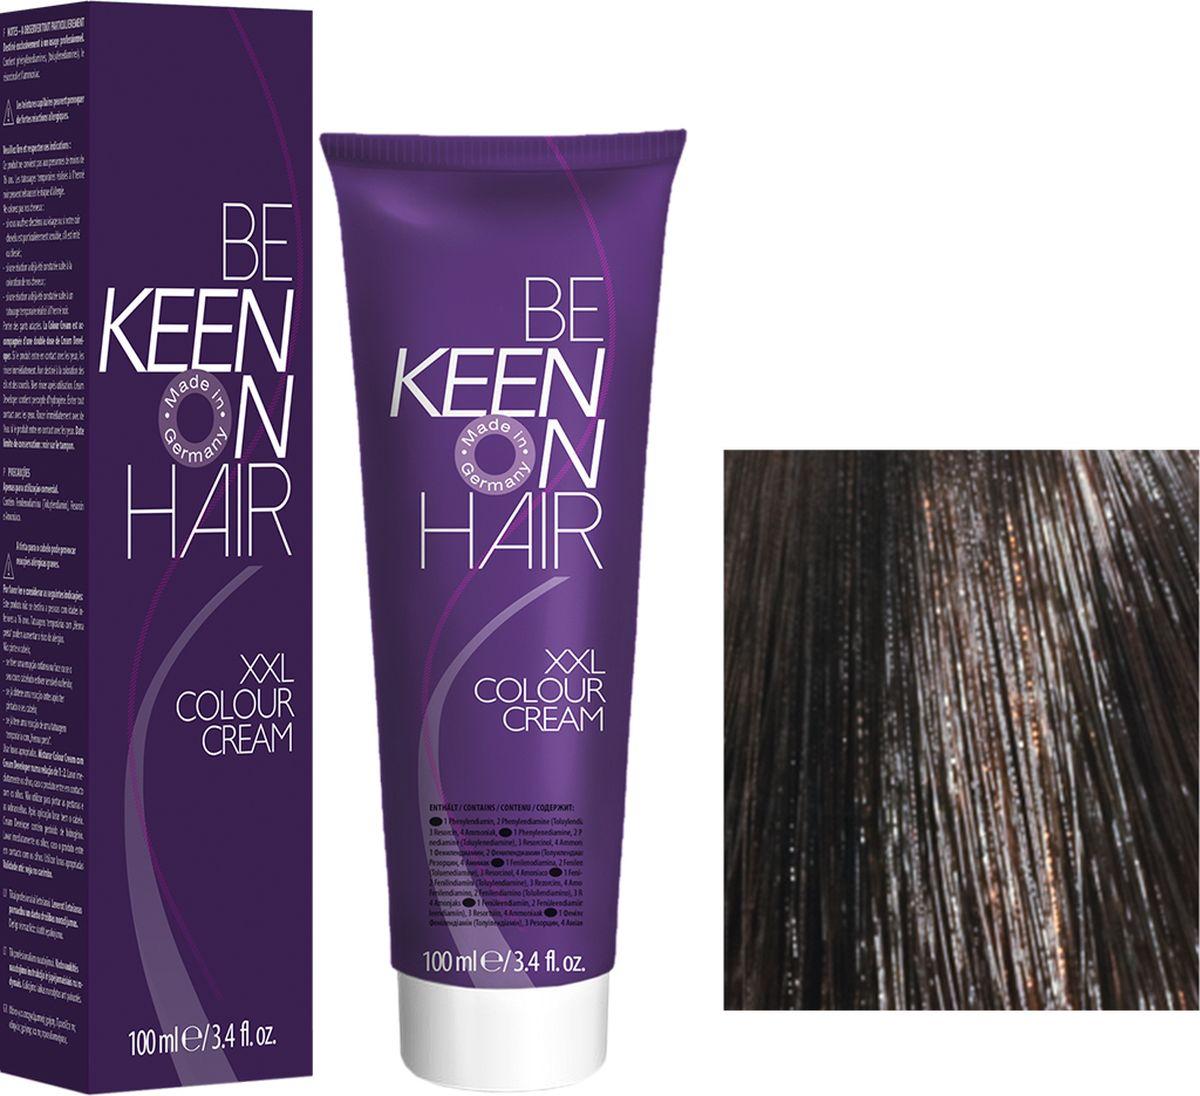 Keen Краска для волос 7.71 Кораллово-коричневый Koralle Braun, 100 мл69100066Модные оттенкиБолее 100 оттенков для креативной комбинации цветов.ЭкономичностьПри использовании тюбика 100 мл вы получаете оптимальное соотношение цены и качества!УходМолочный белок поддерживает структуру волоса во время окрашивания и придает волосам блеск и шелковистость. Протеины хорошо встраиваются в волосы и снабжают их влагой.